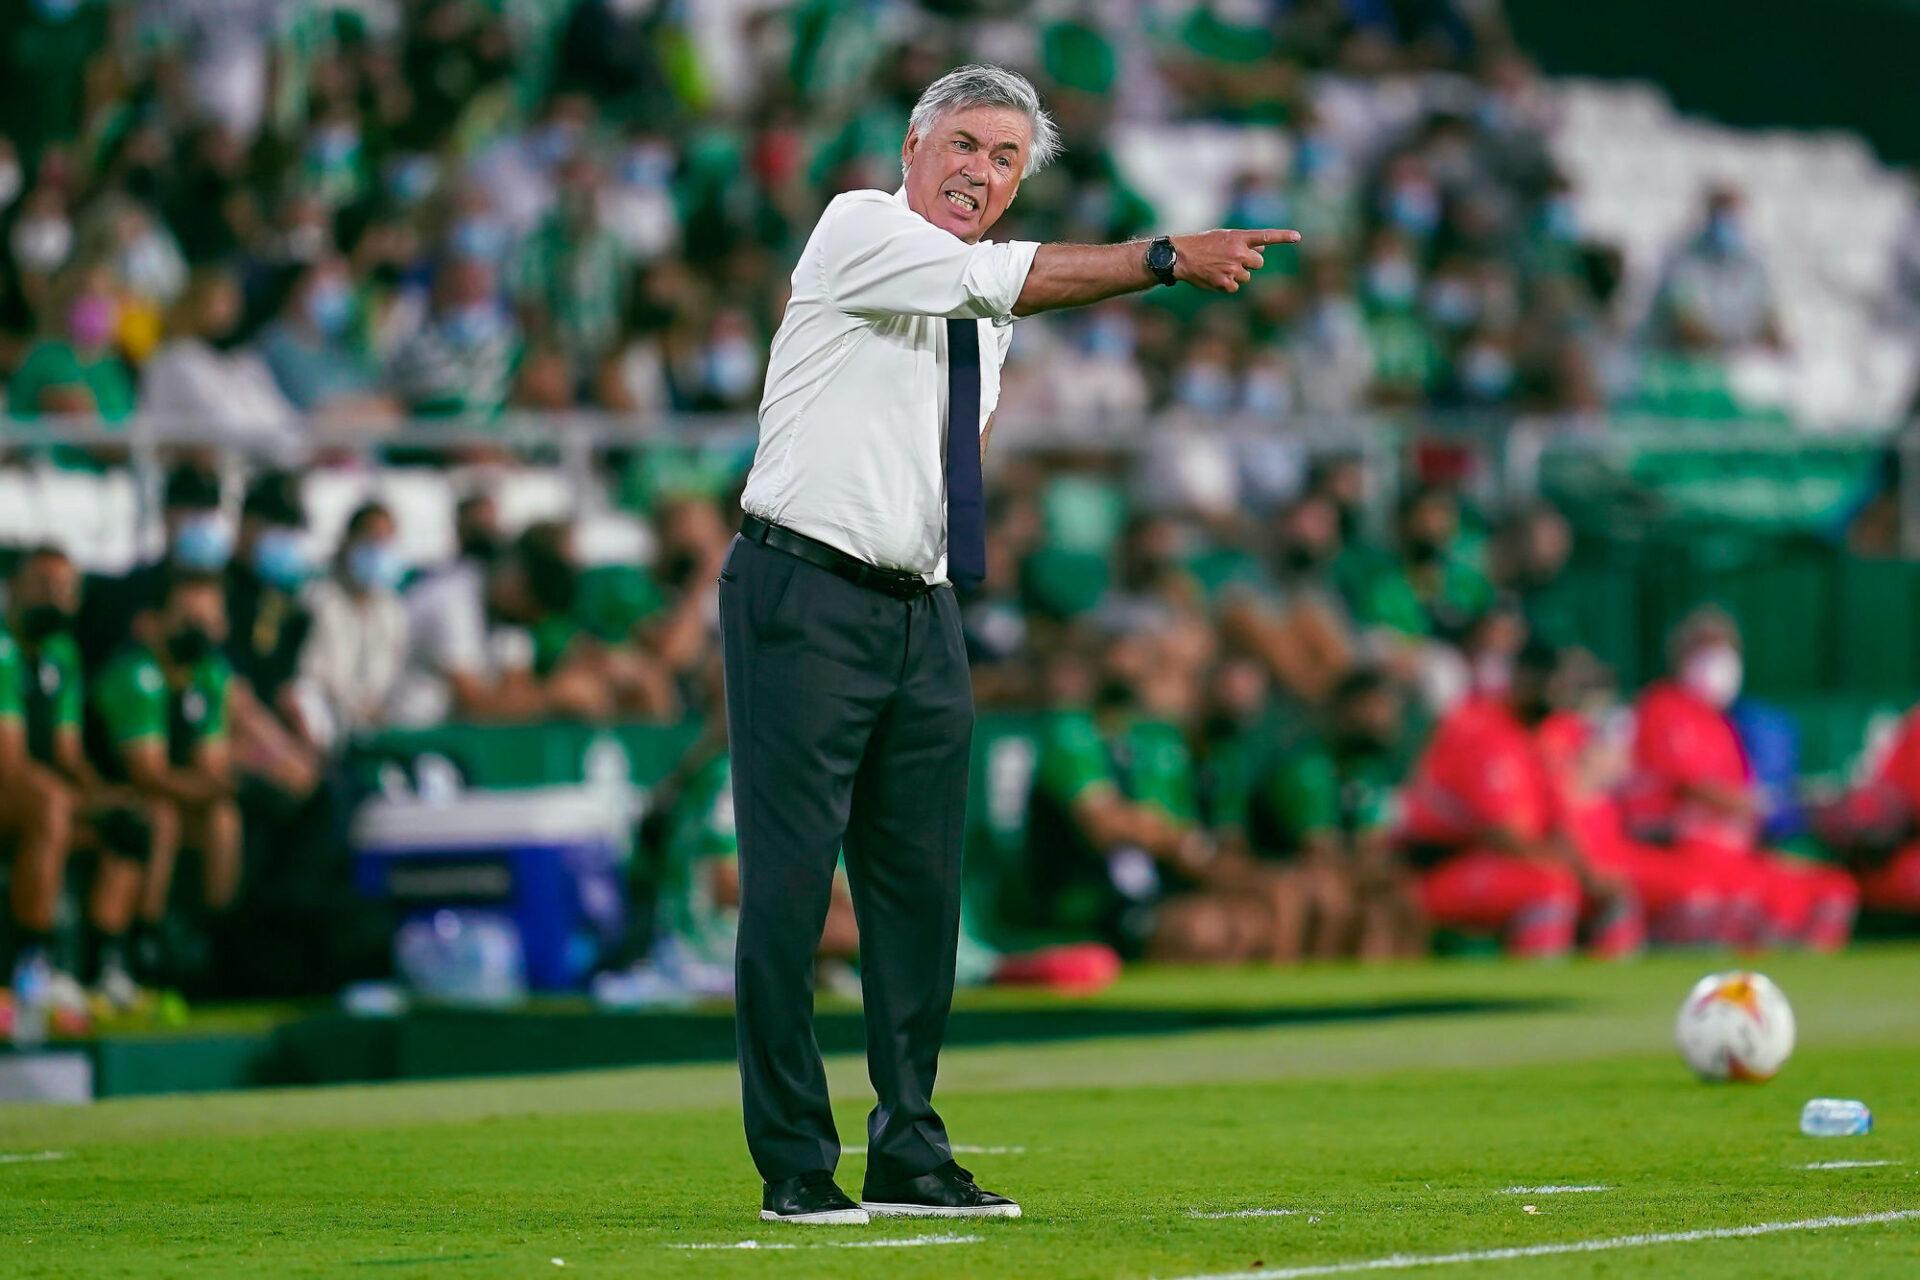 Carlo Ancelotti veut que son équipe s'améliore défensivement pour croire au titre en Ligue des champions. Icon Sport